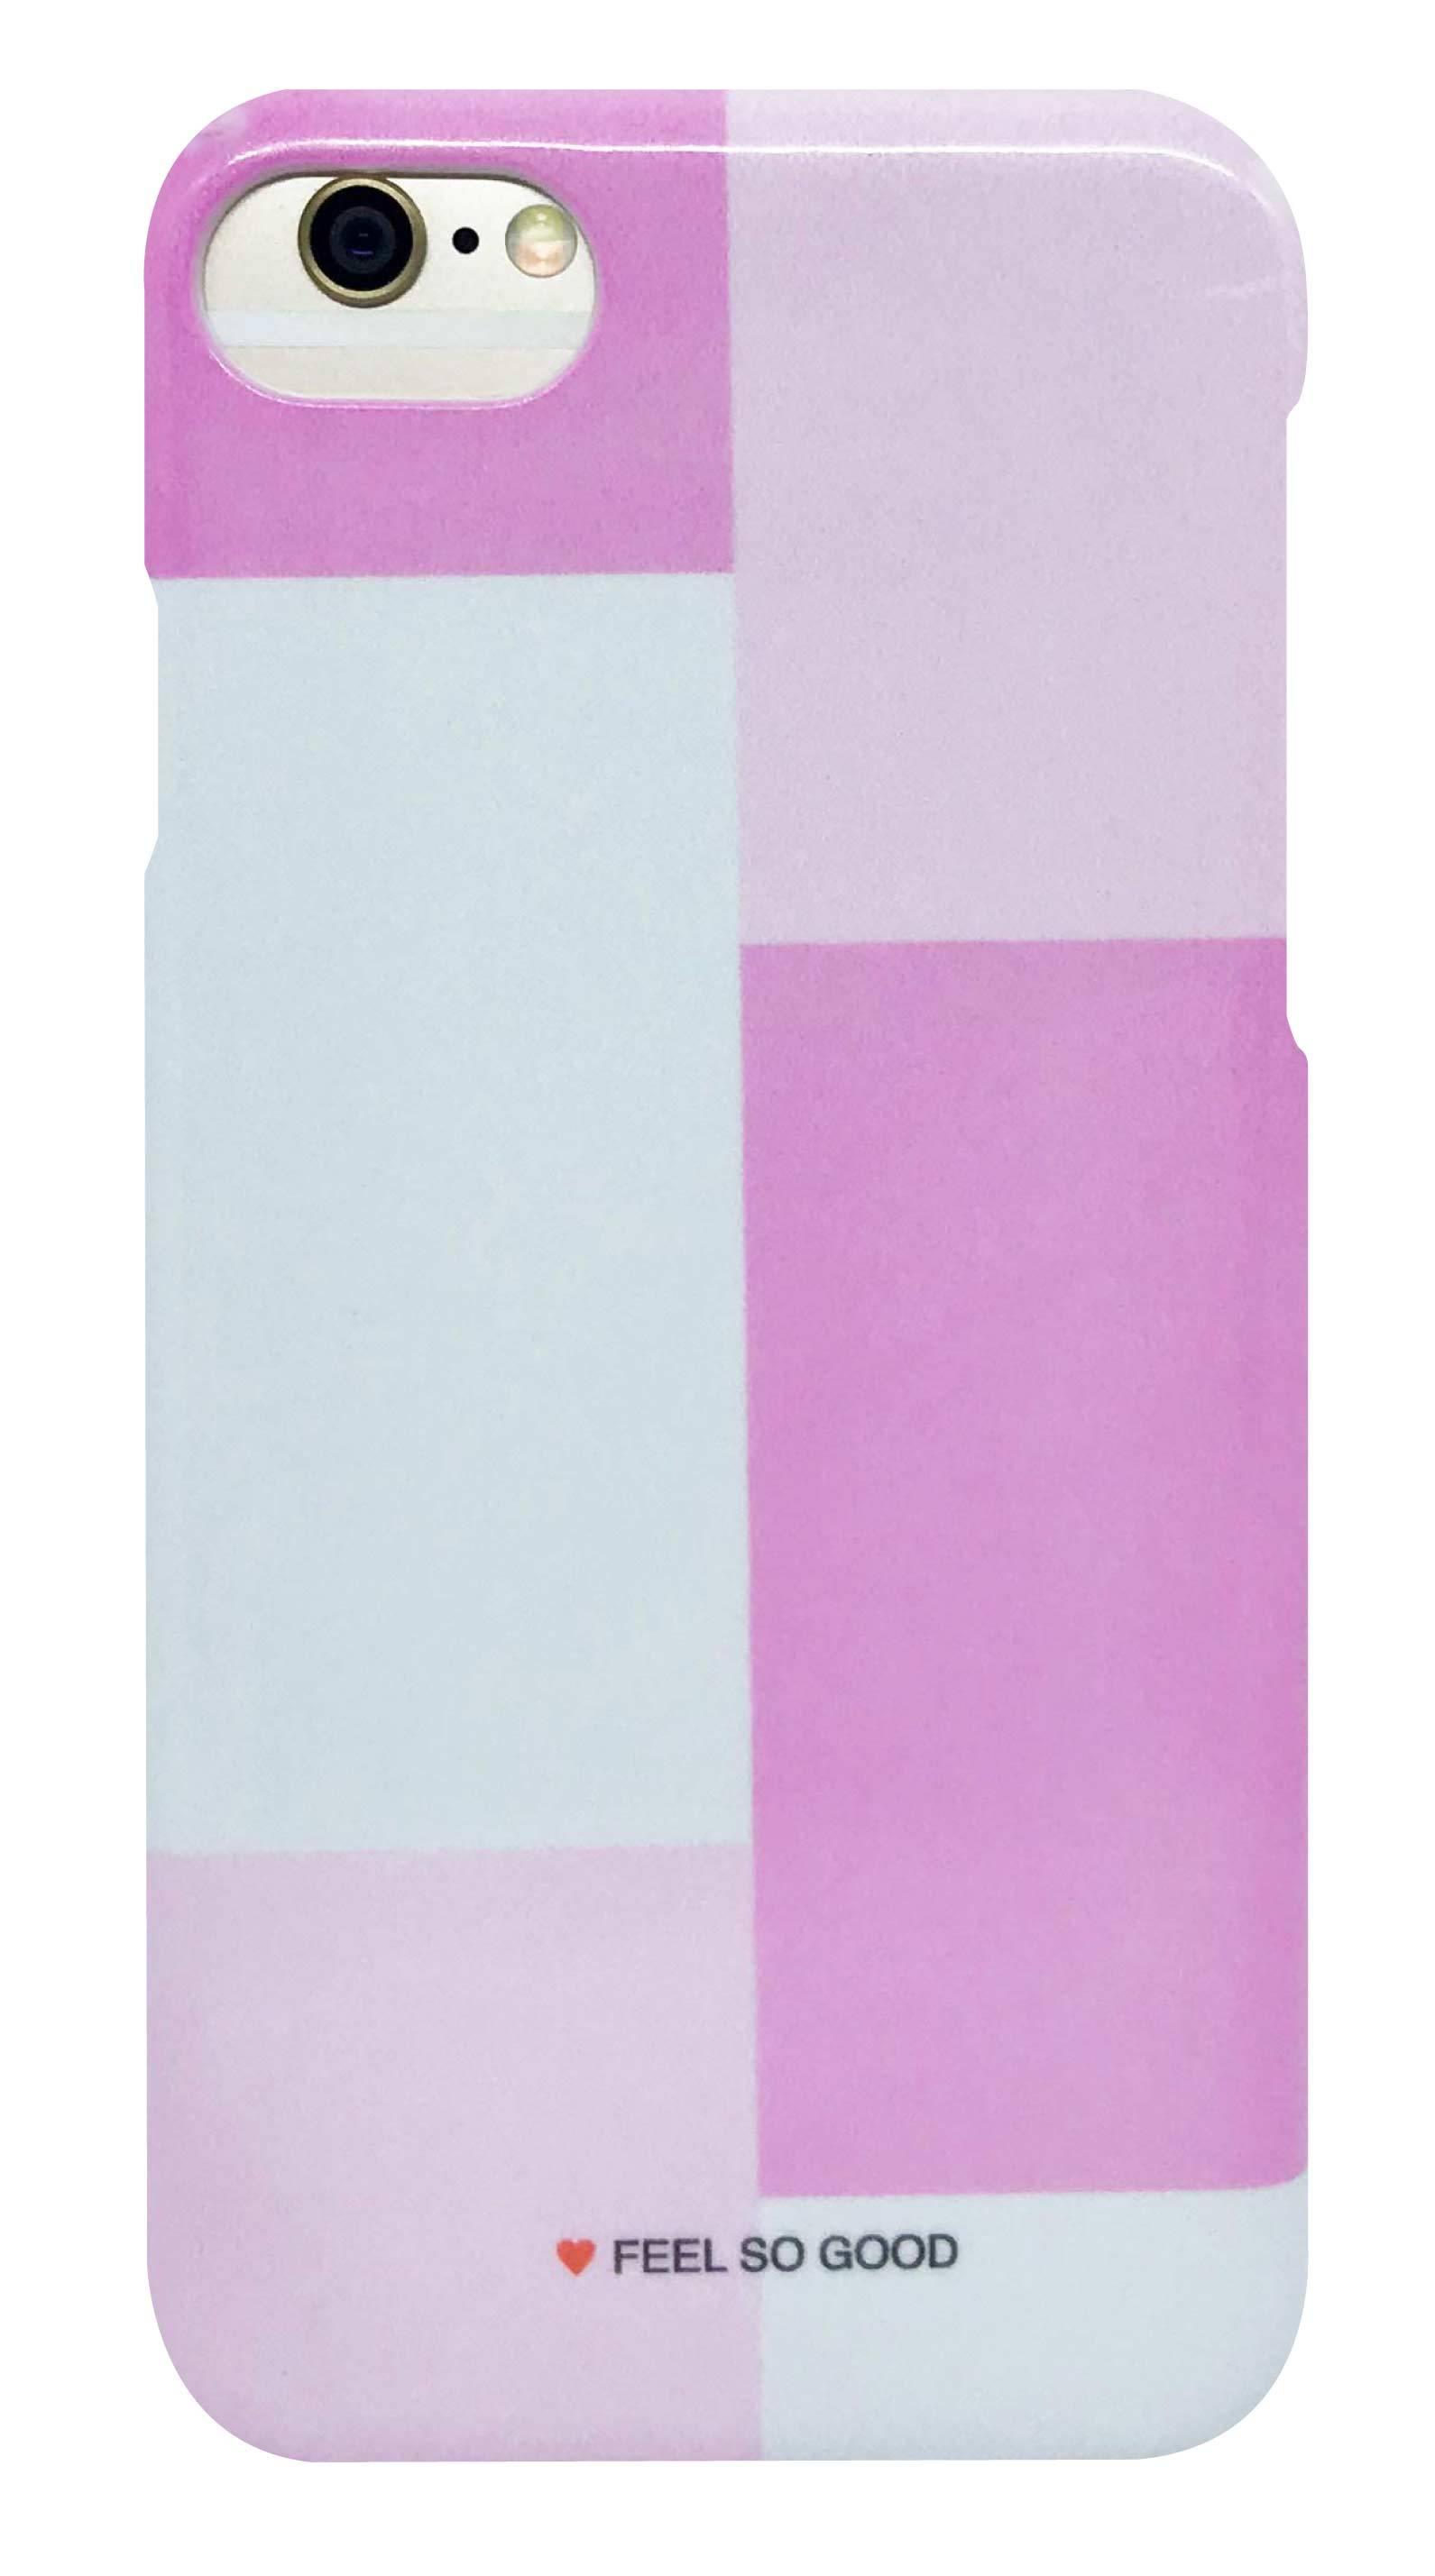 パネル カラー ・ ピンク × グレー つや有りハードケース